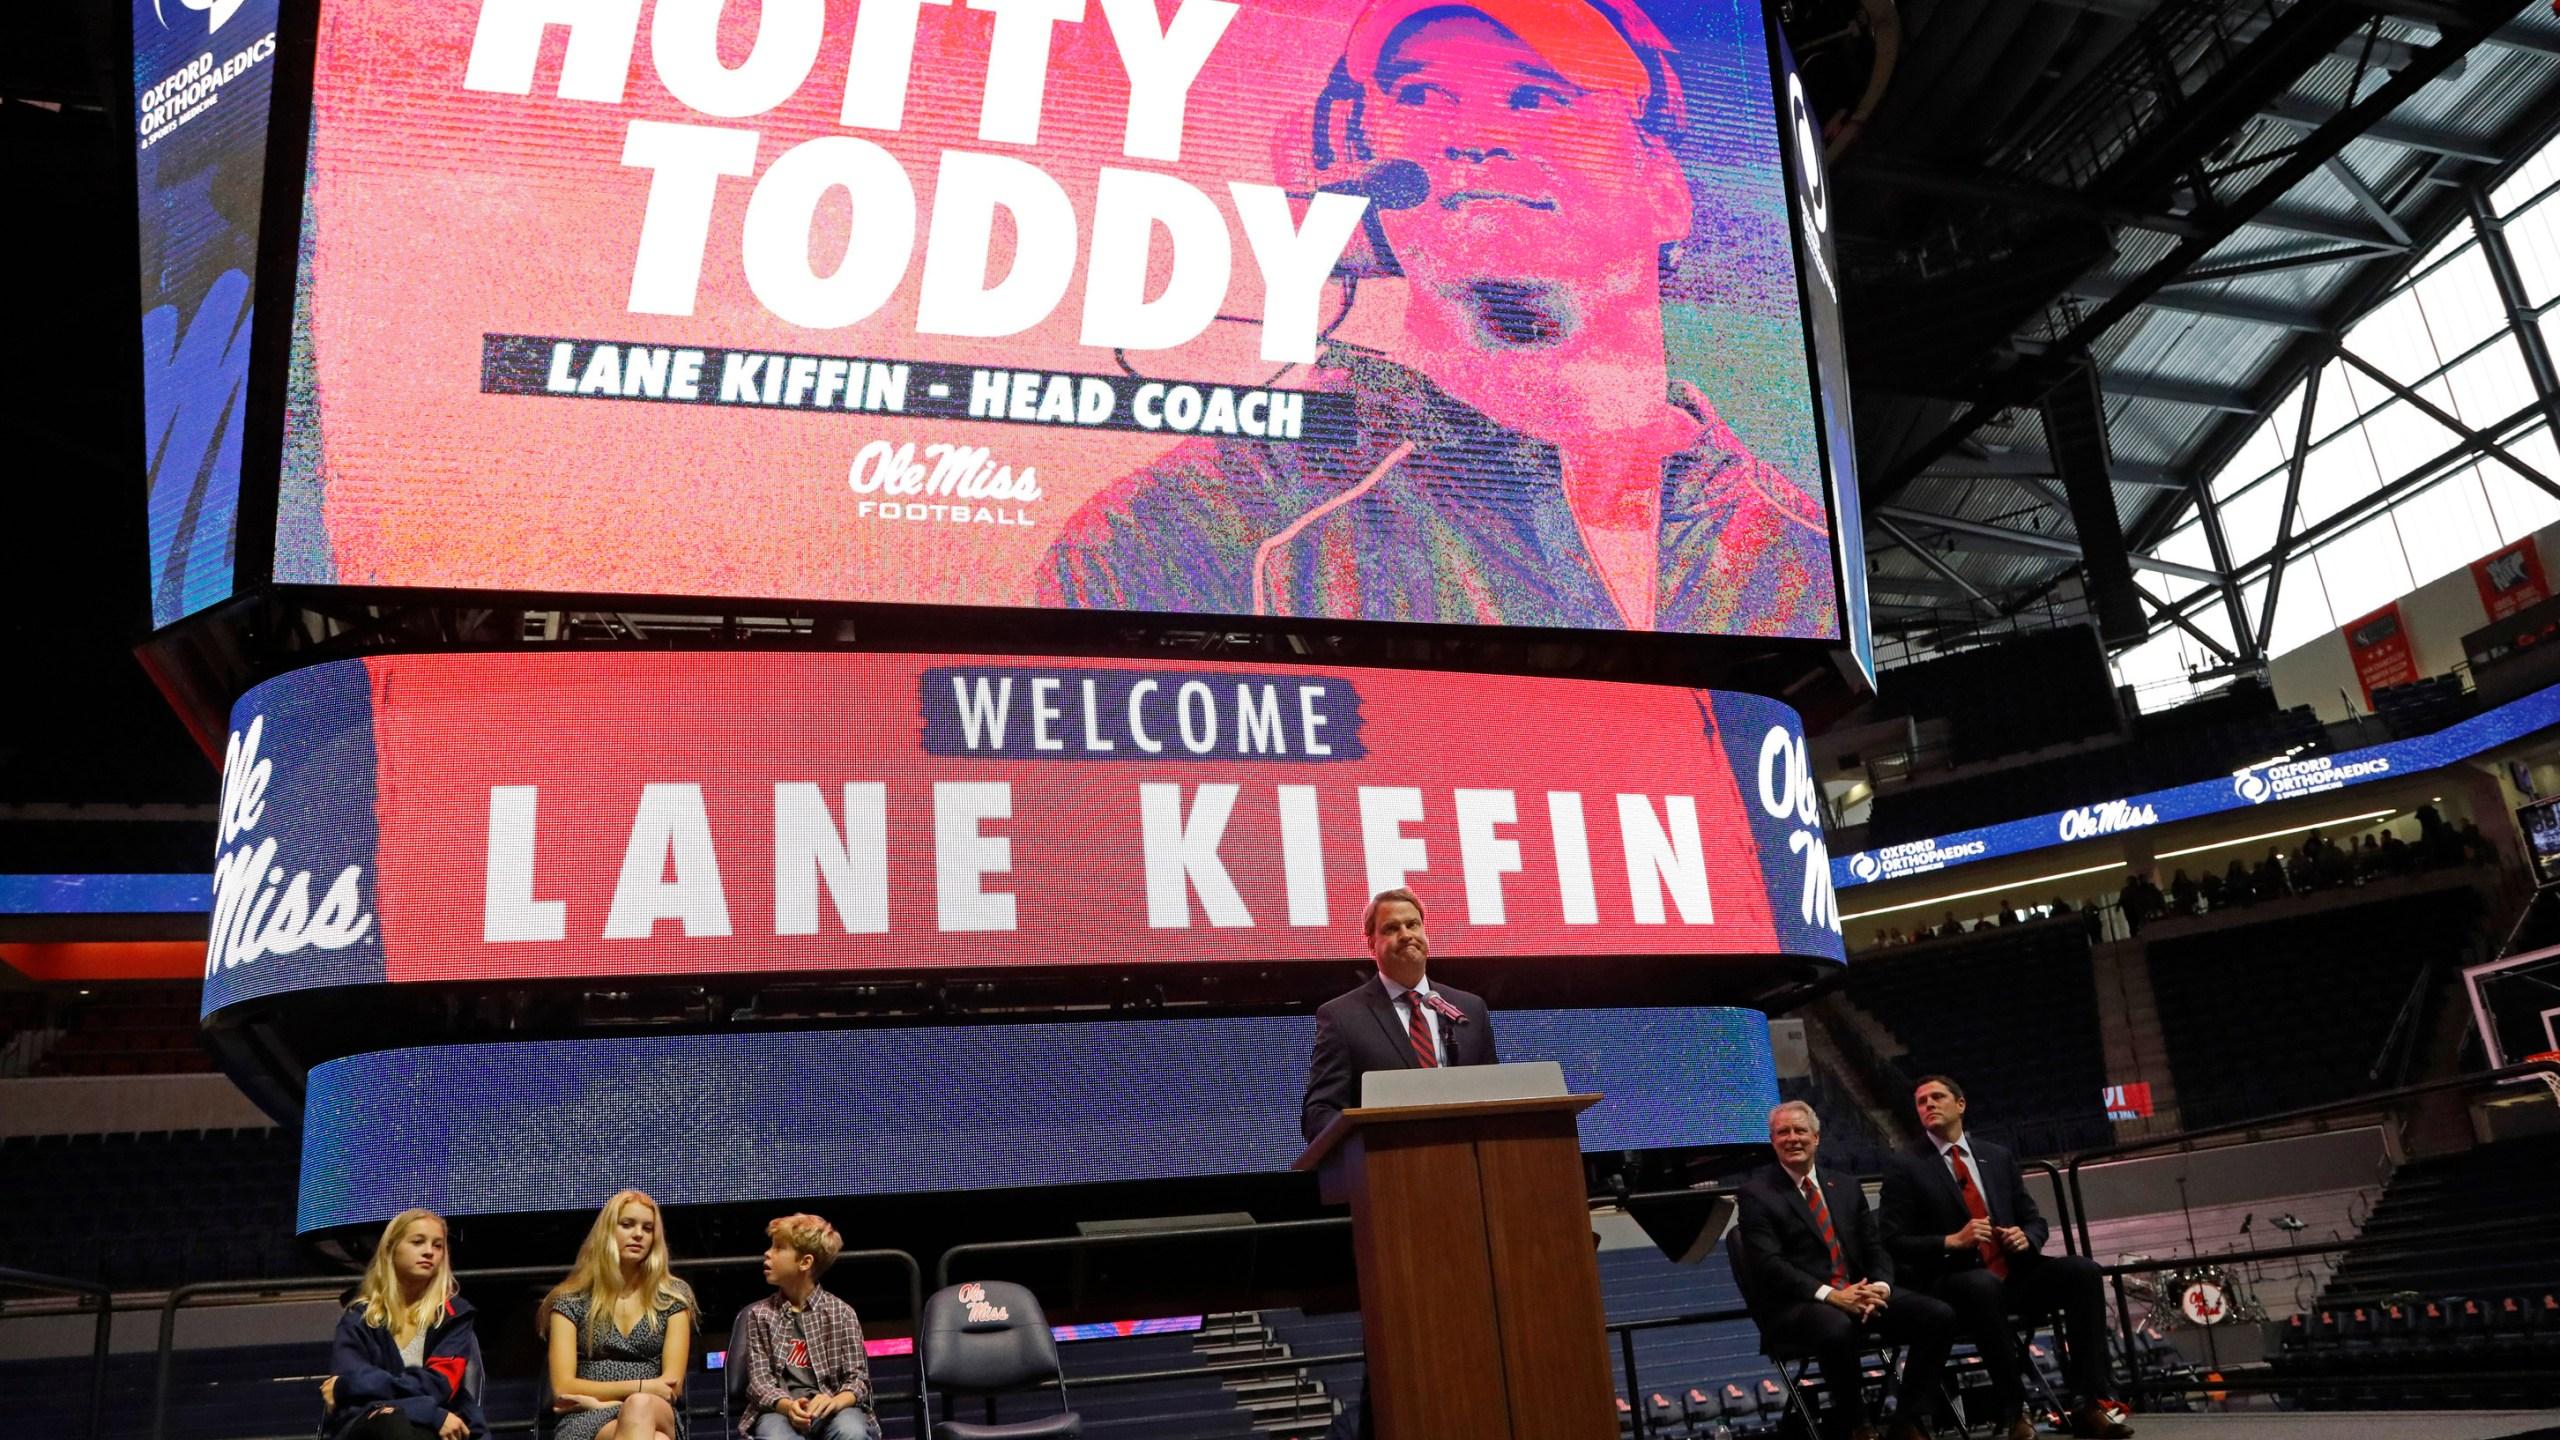 Lane Kiffin, Presley Kiffin, Landry Kiffin, Knox Kiffin